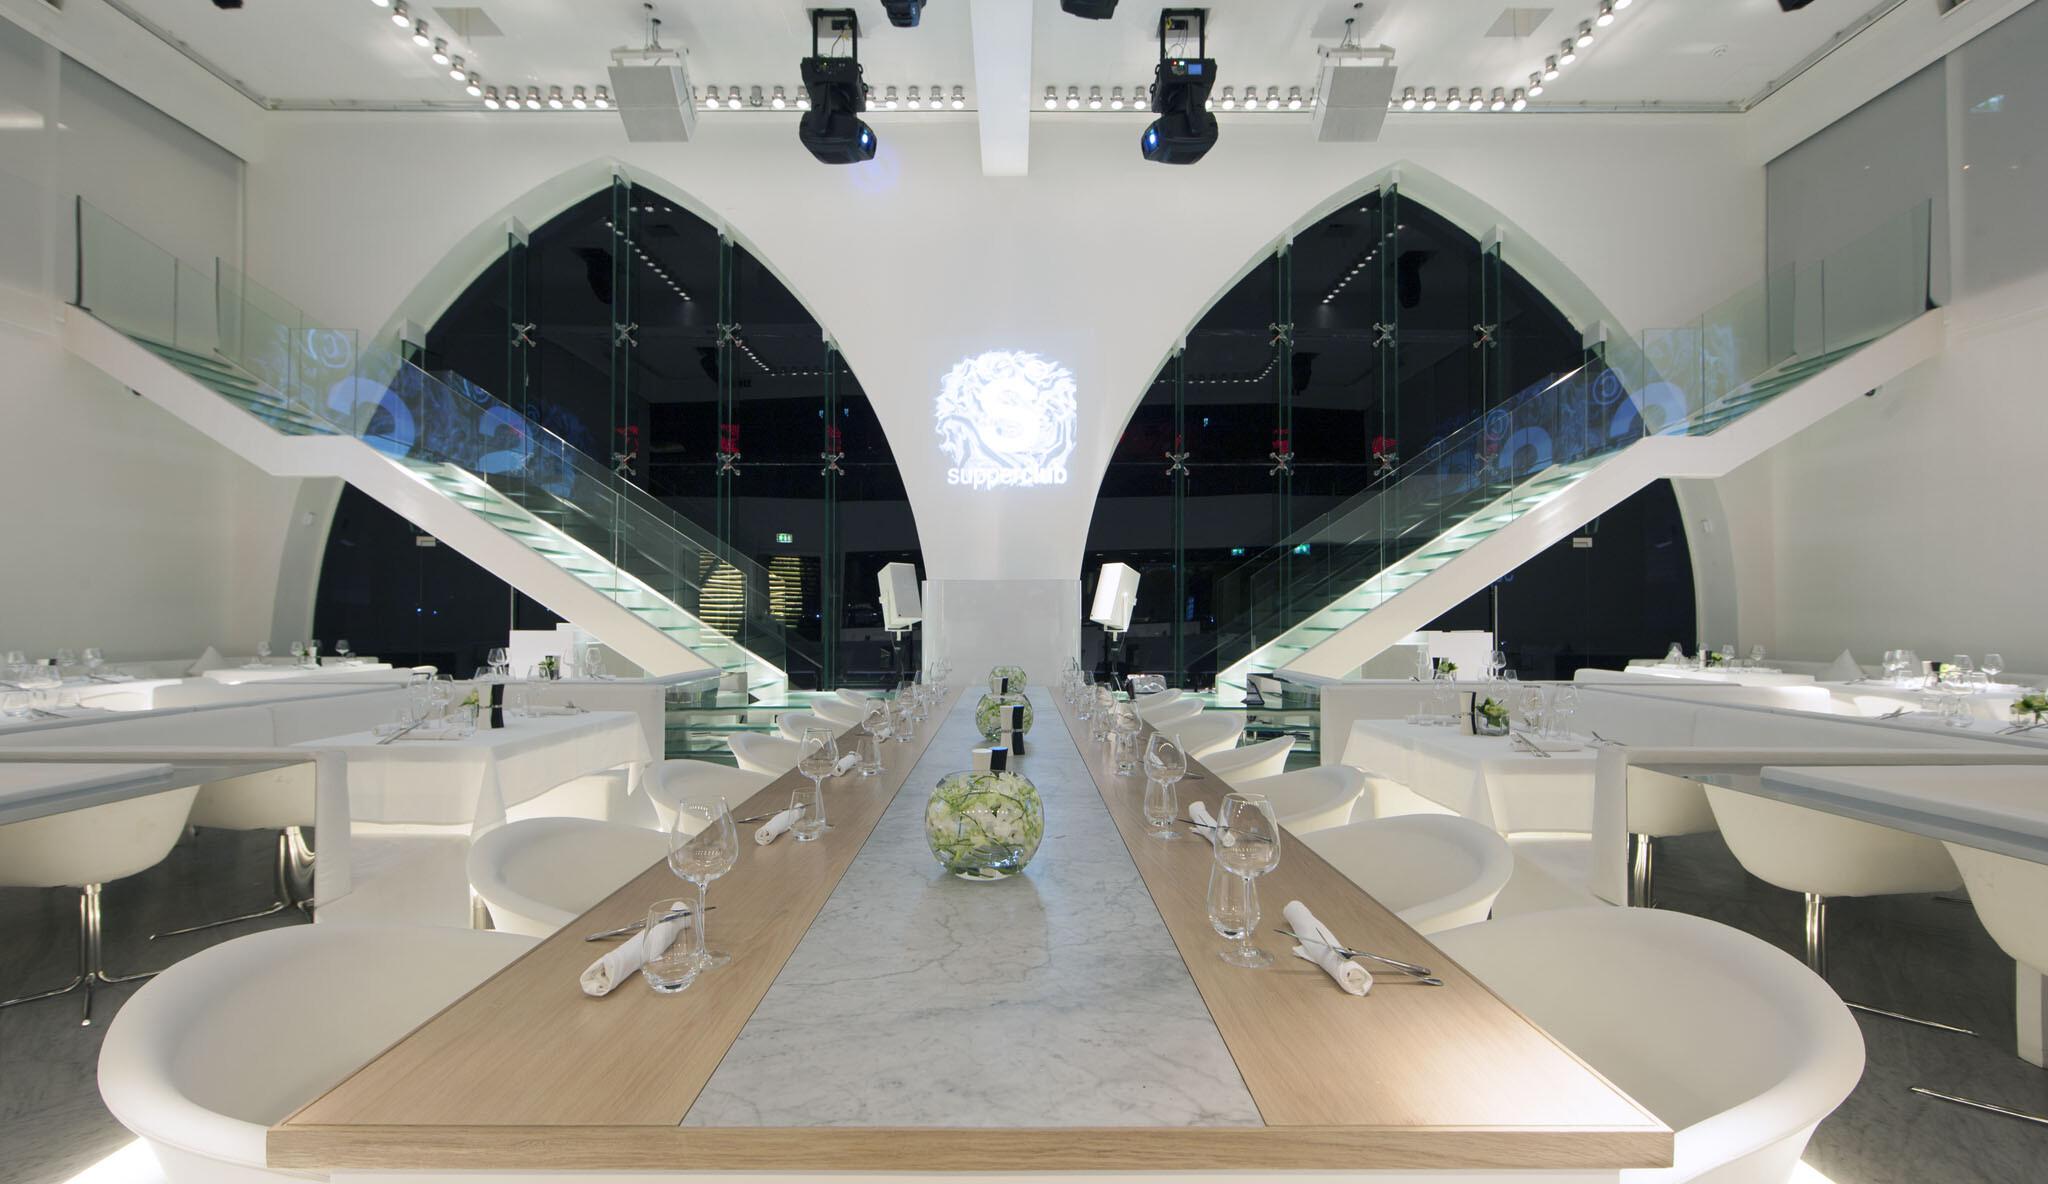 supperclub Dubai